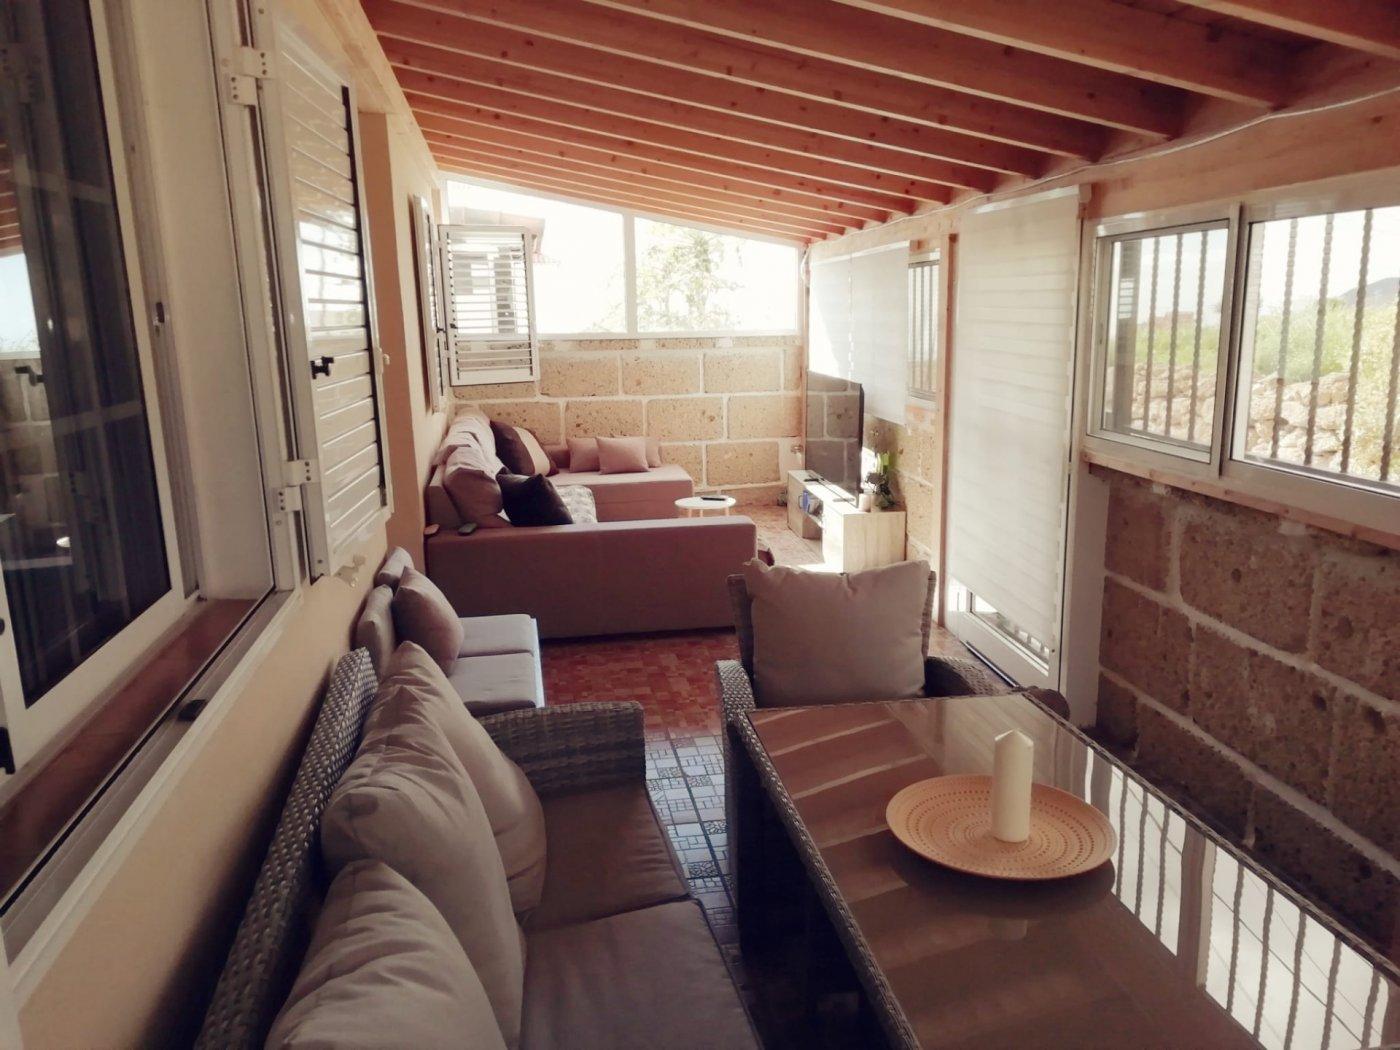 House for sale in El Desierto, Granadilla de Abona